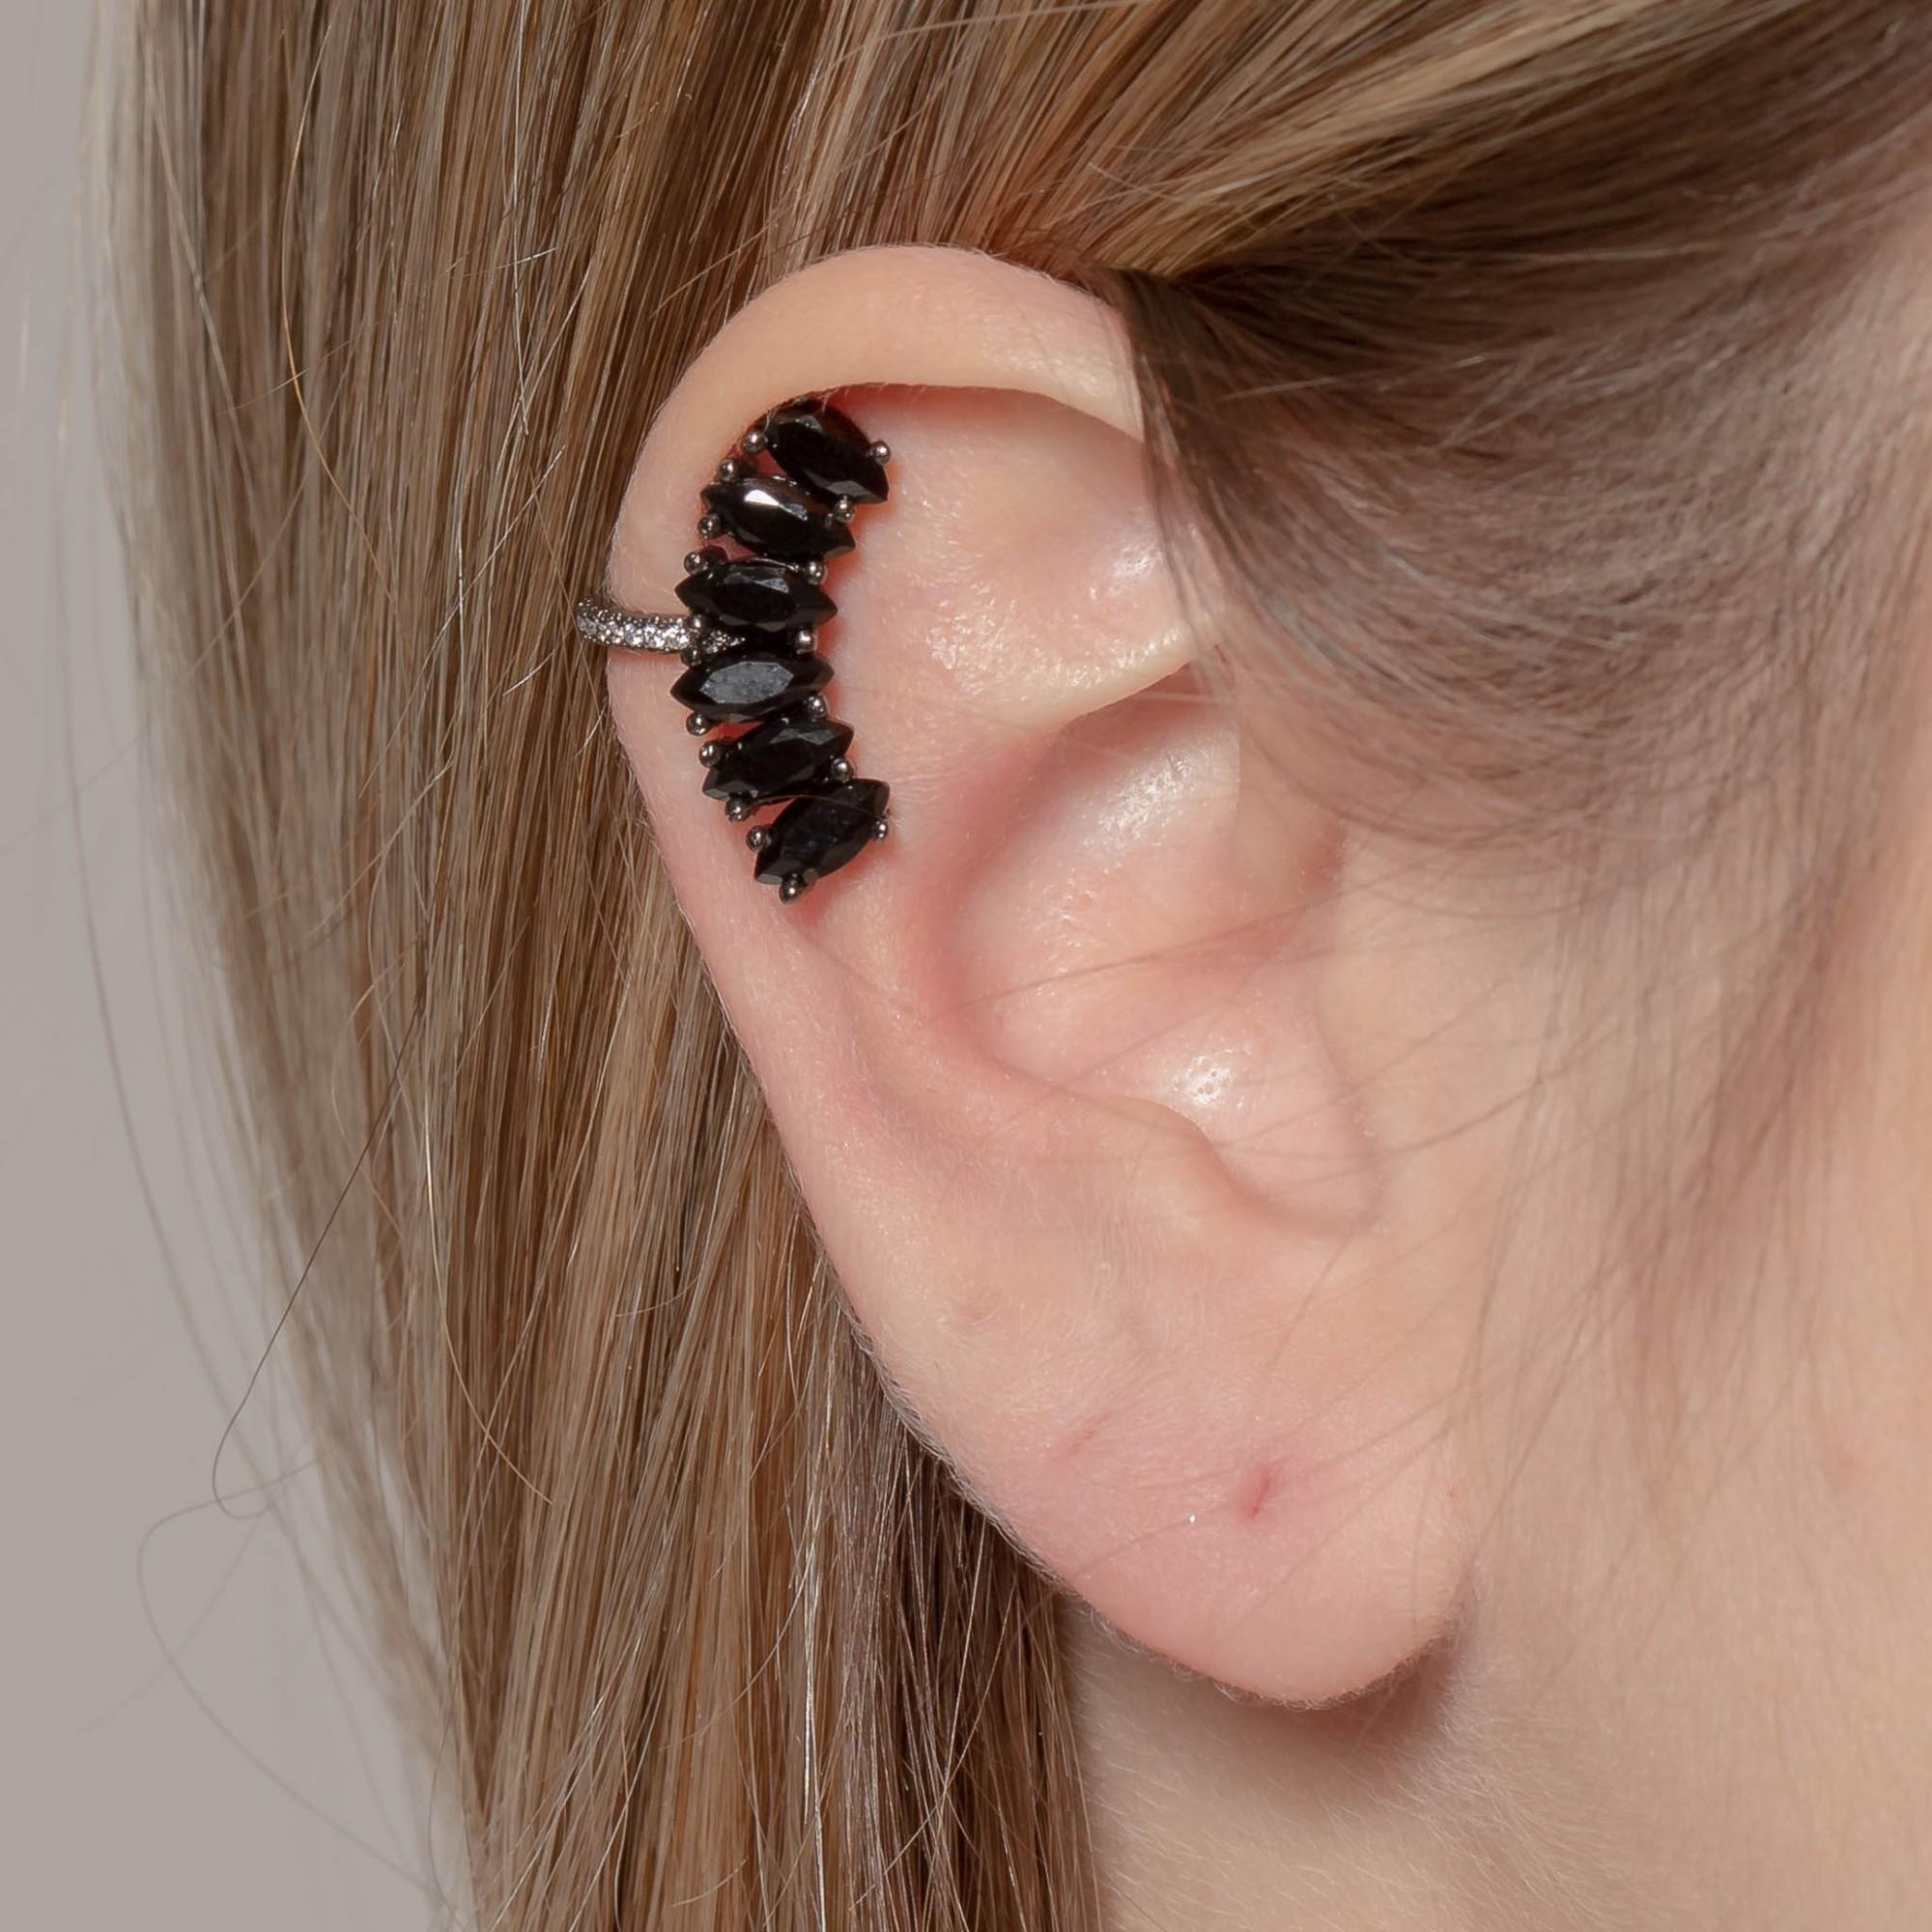 Piercing fake de cristais pretos banho de grafite.  - romabrazil.com.br